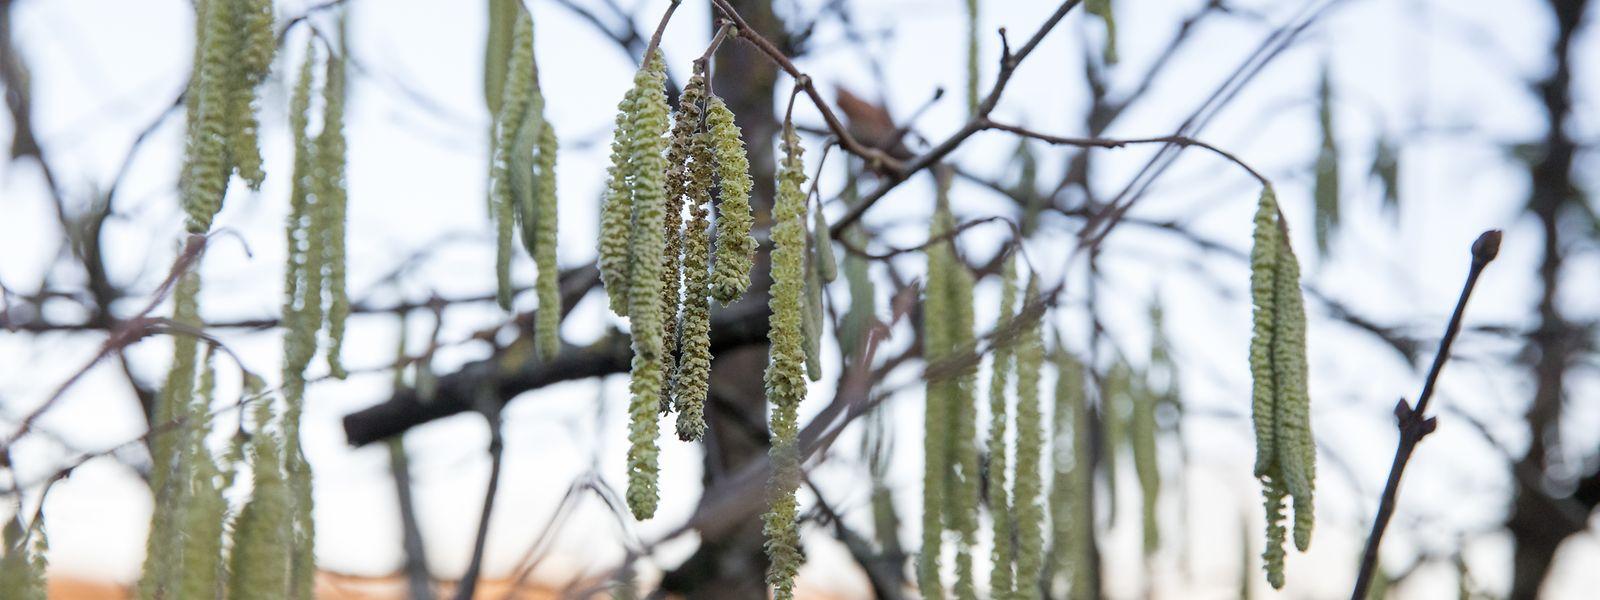 Bereits im Januar stehen überall im Land Haselnusssträucher in voller Blüte.